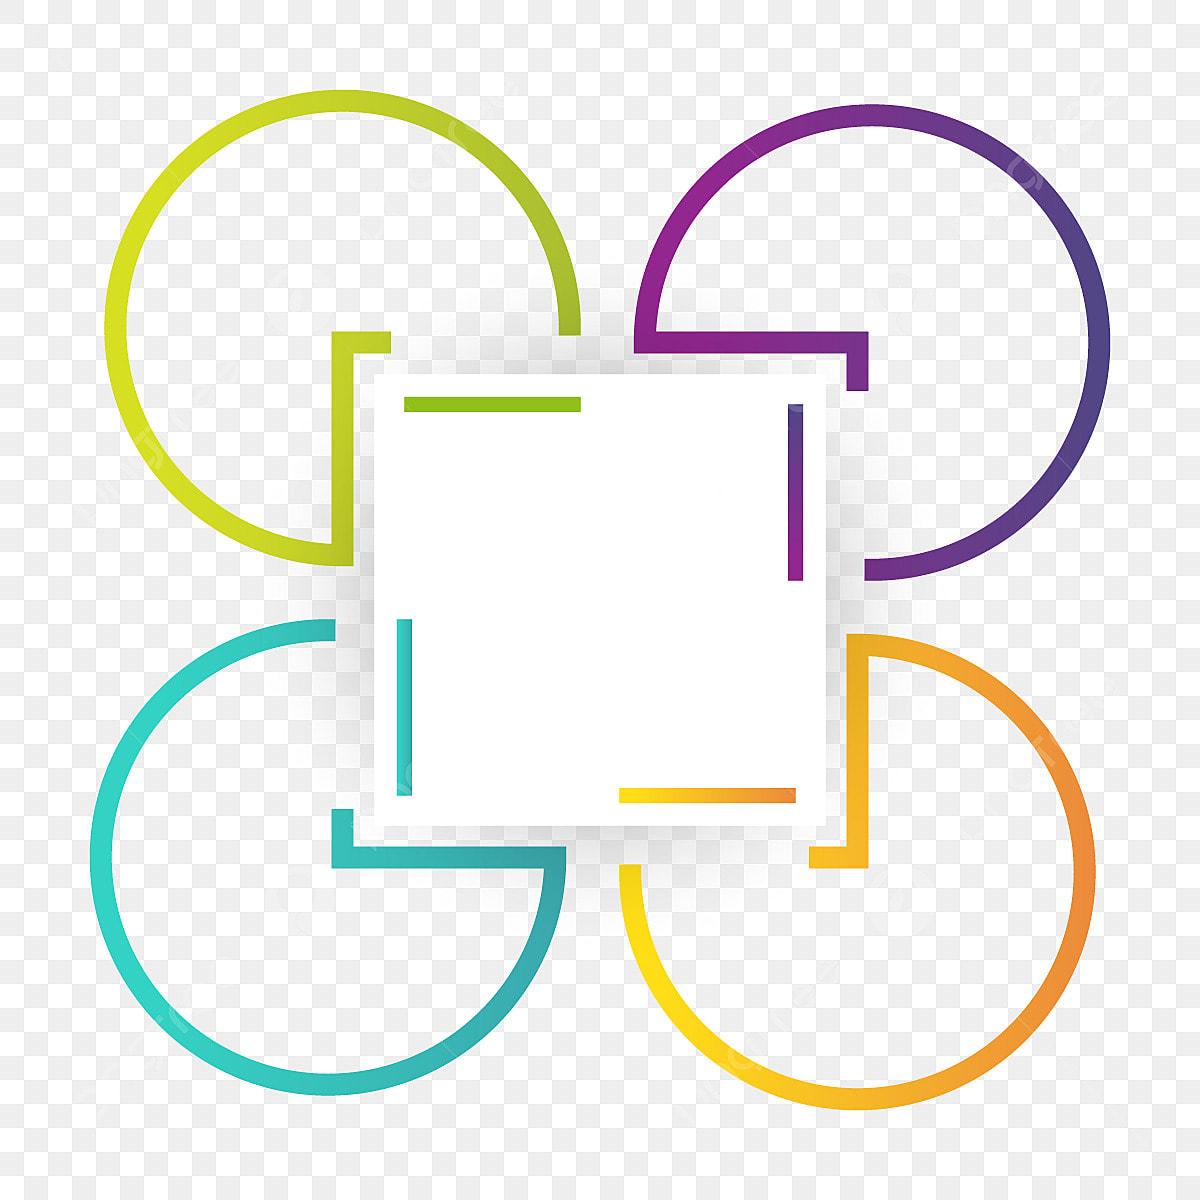 الحدود مع أربعة أشكال دائرية مجردة فن شكل فريم Png والمتجهات للتحميل مجانا